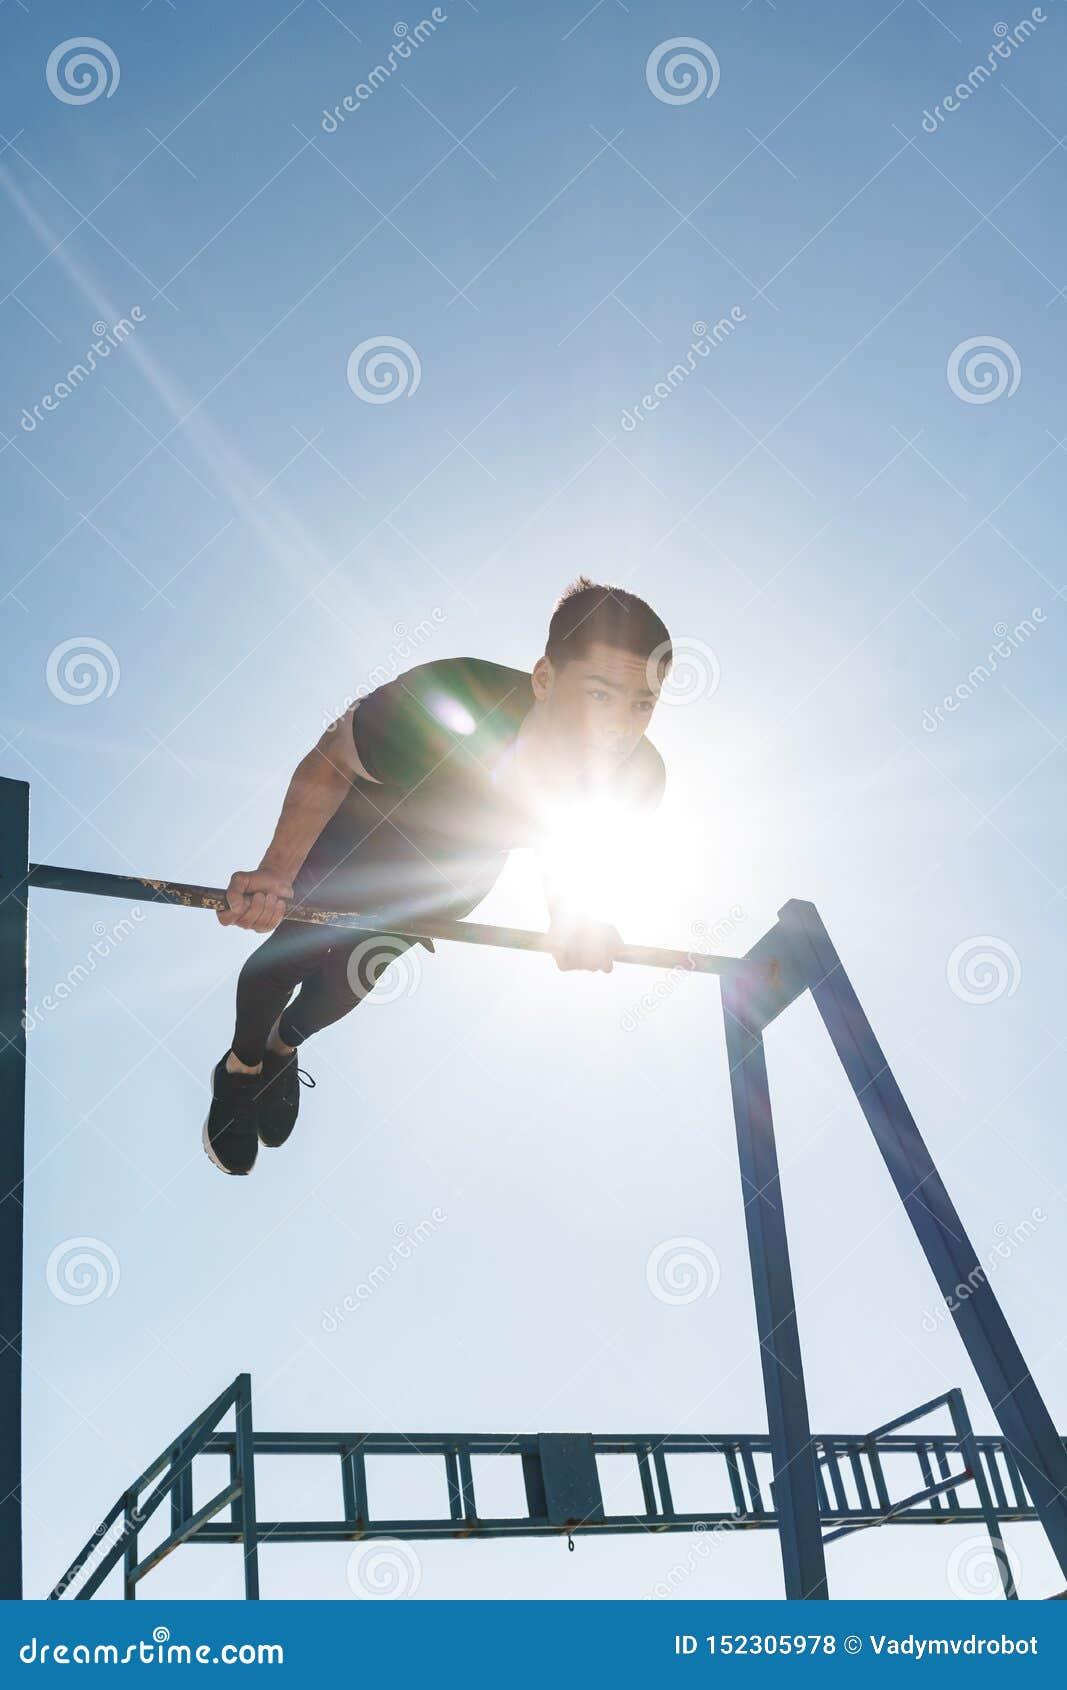 Foto del deportista atlético que hace la acrobacia en barra gimnástica horizontal durante entrenamiento de la mañana por la playa